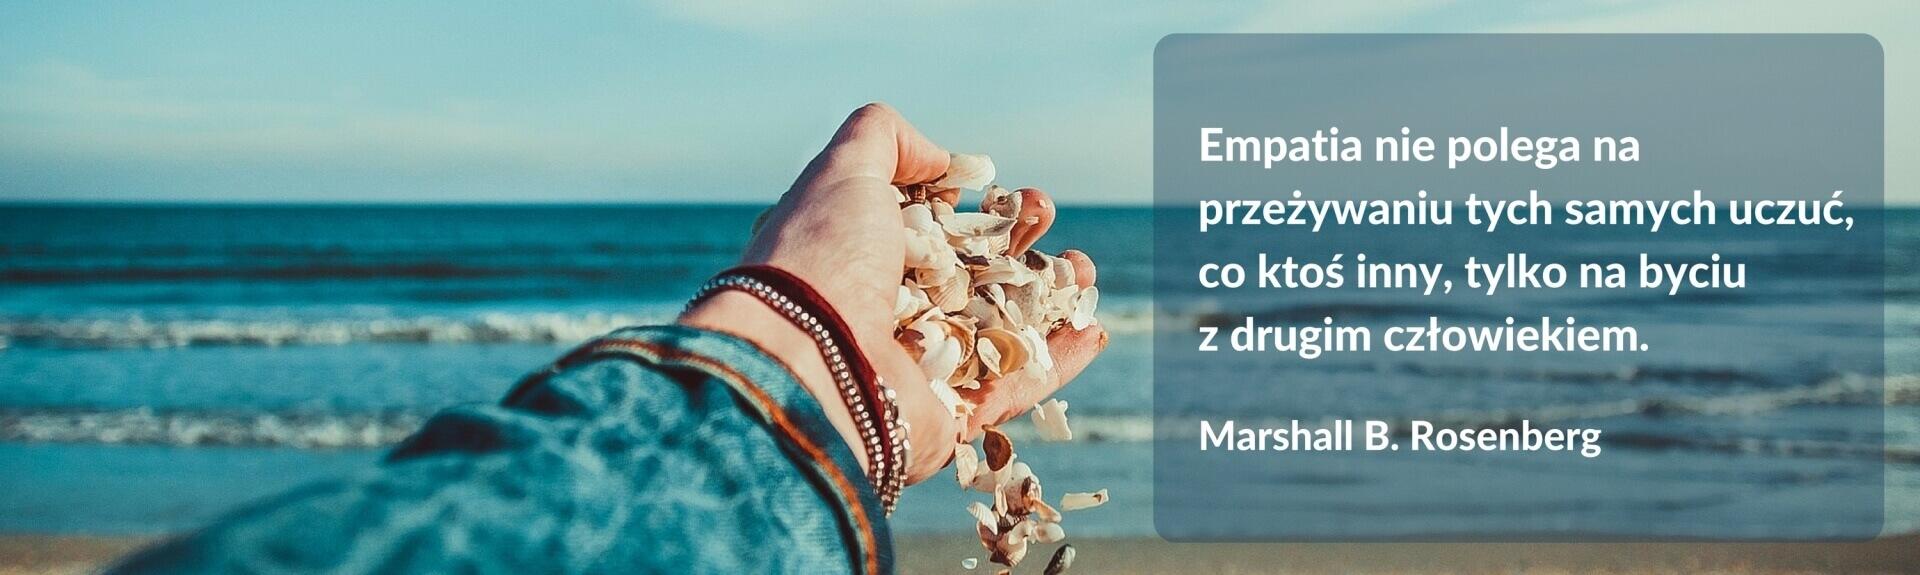 Empathic Way Online Magdalena Malinowska Porozumienie bez Przemocy NVC